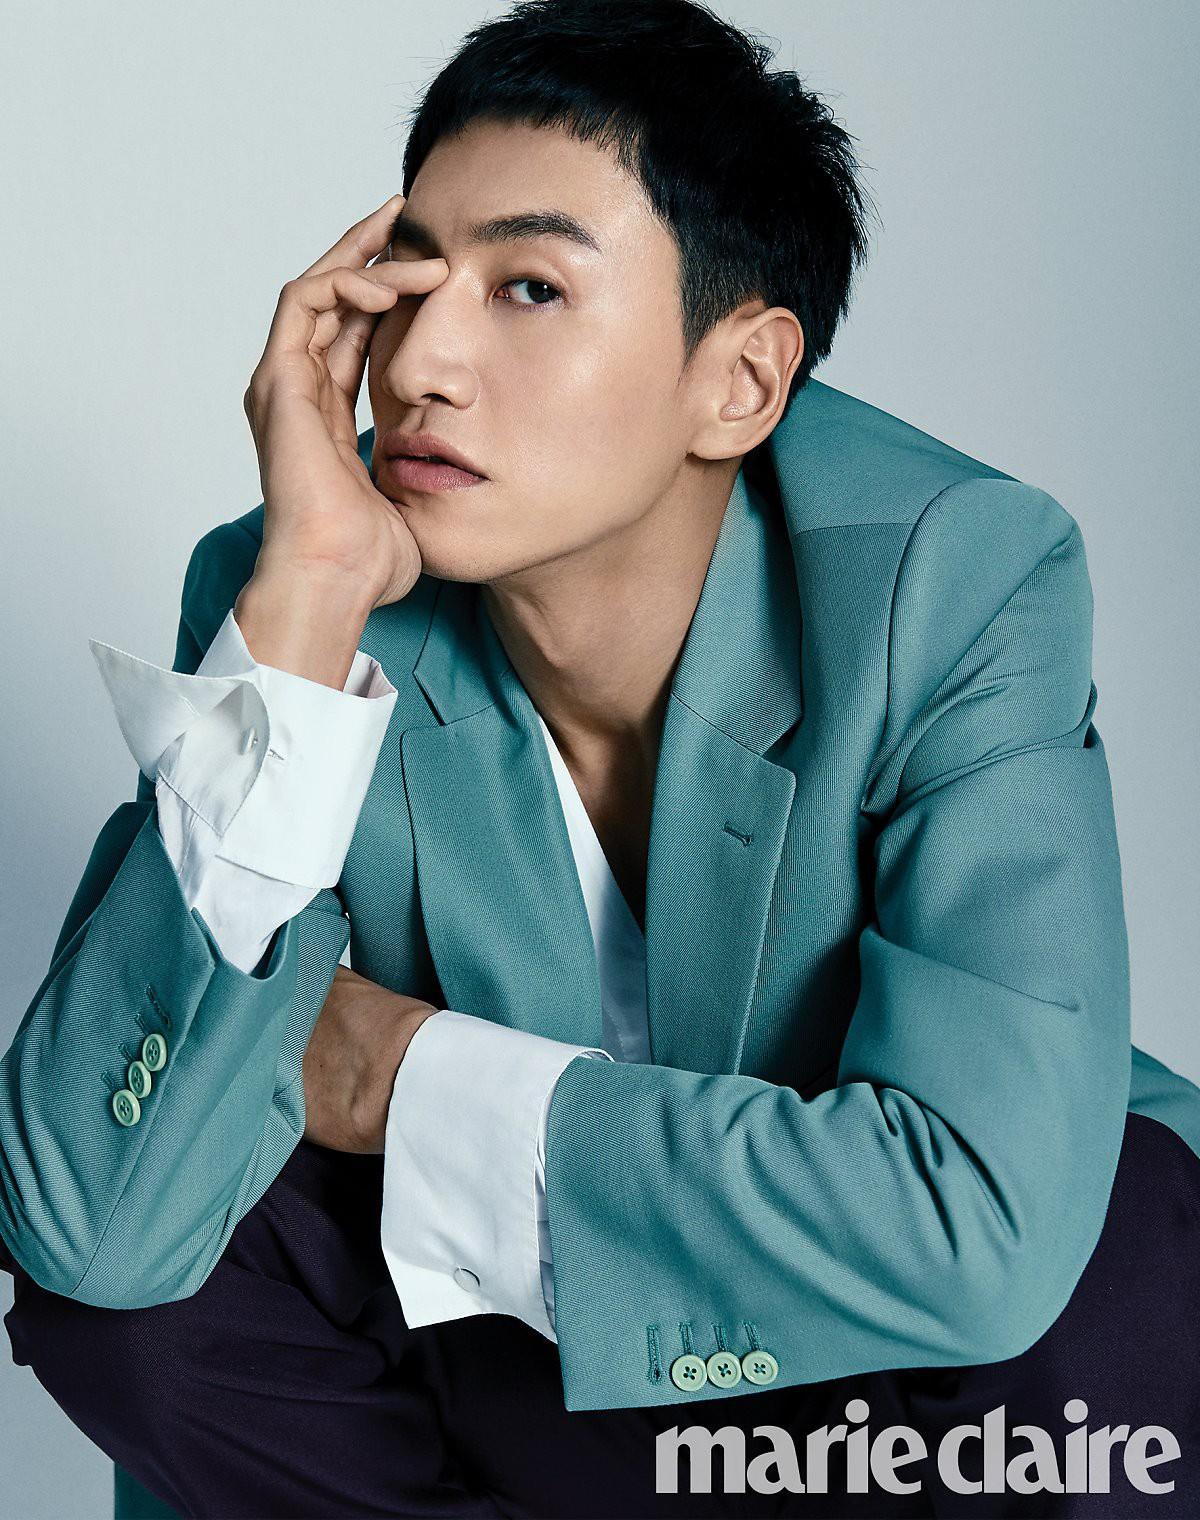 5 sao nam Hàn chẳng đẹp trai nhưng cưa đổ mỹ nhân đẹp xuất chúng: Hầu hết đều siêu giàu, trừ trường hợp cuối - Ảnh 2.